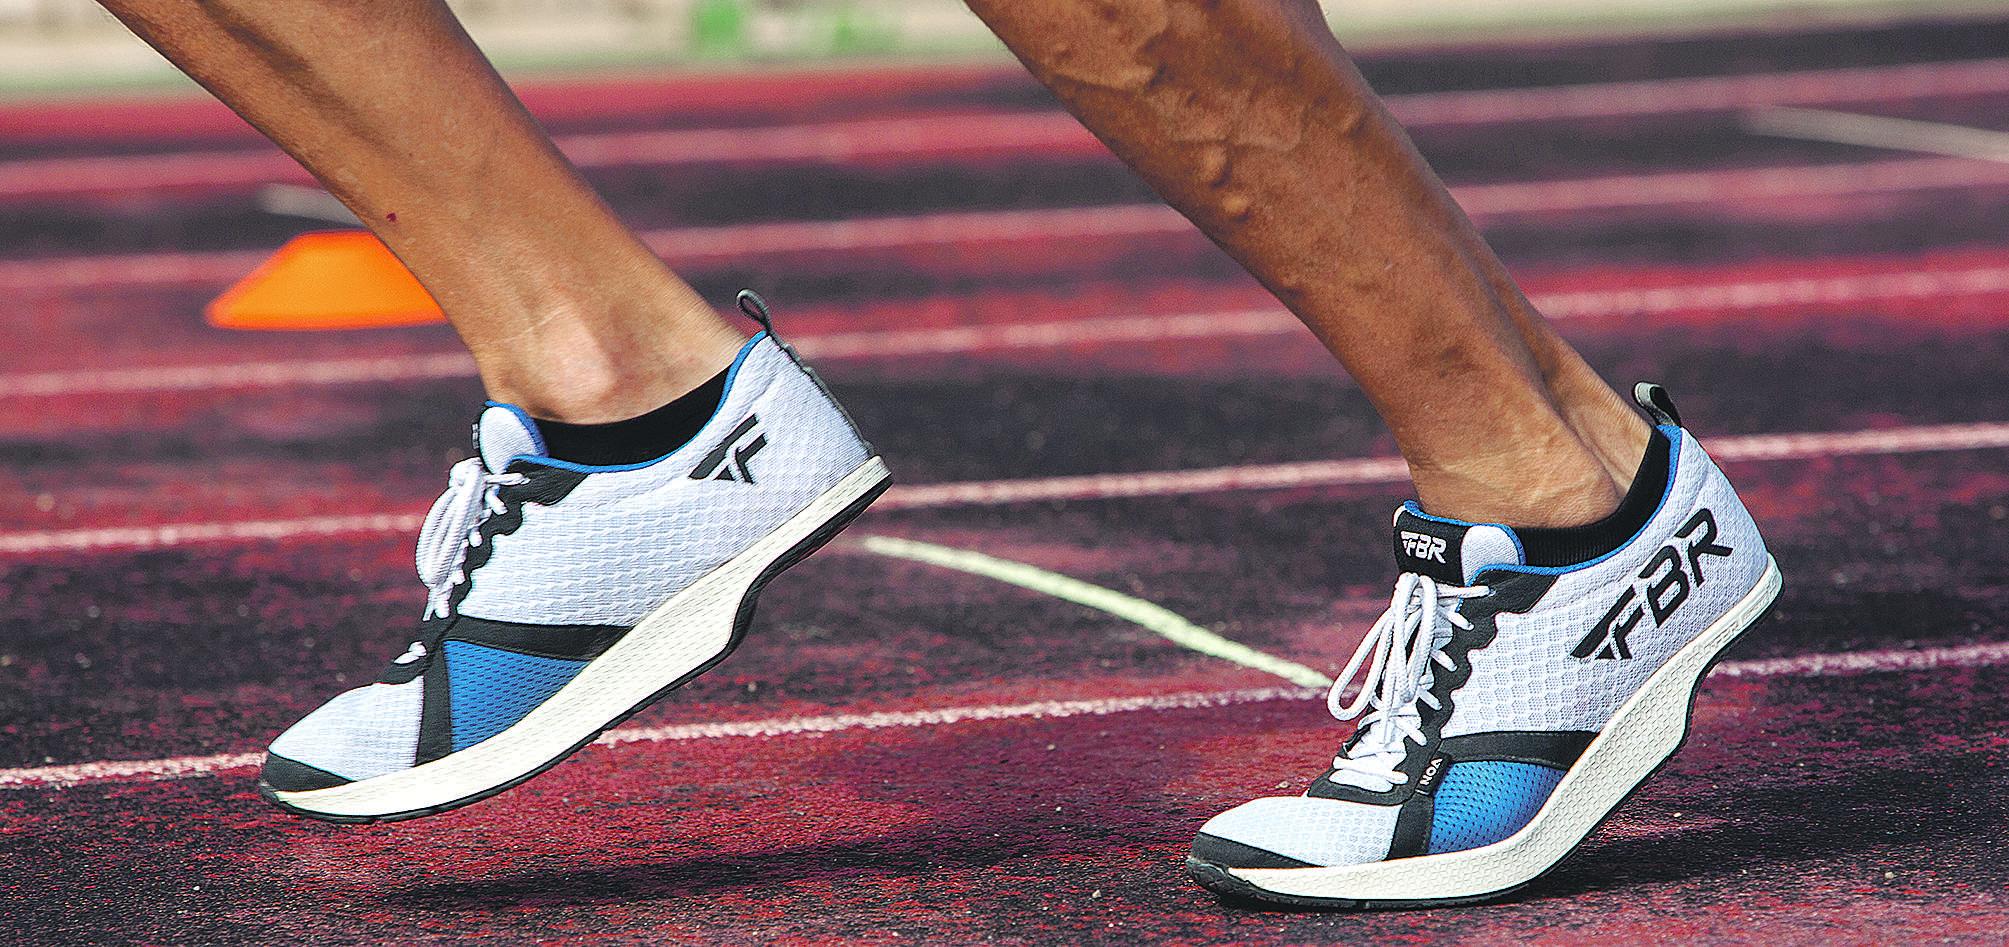 2cf1aa85 Zapatillas sin talón, creación española para batir el récord de la maratón